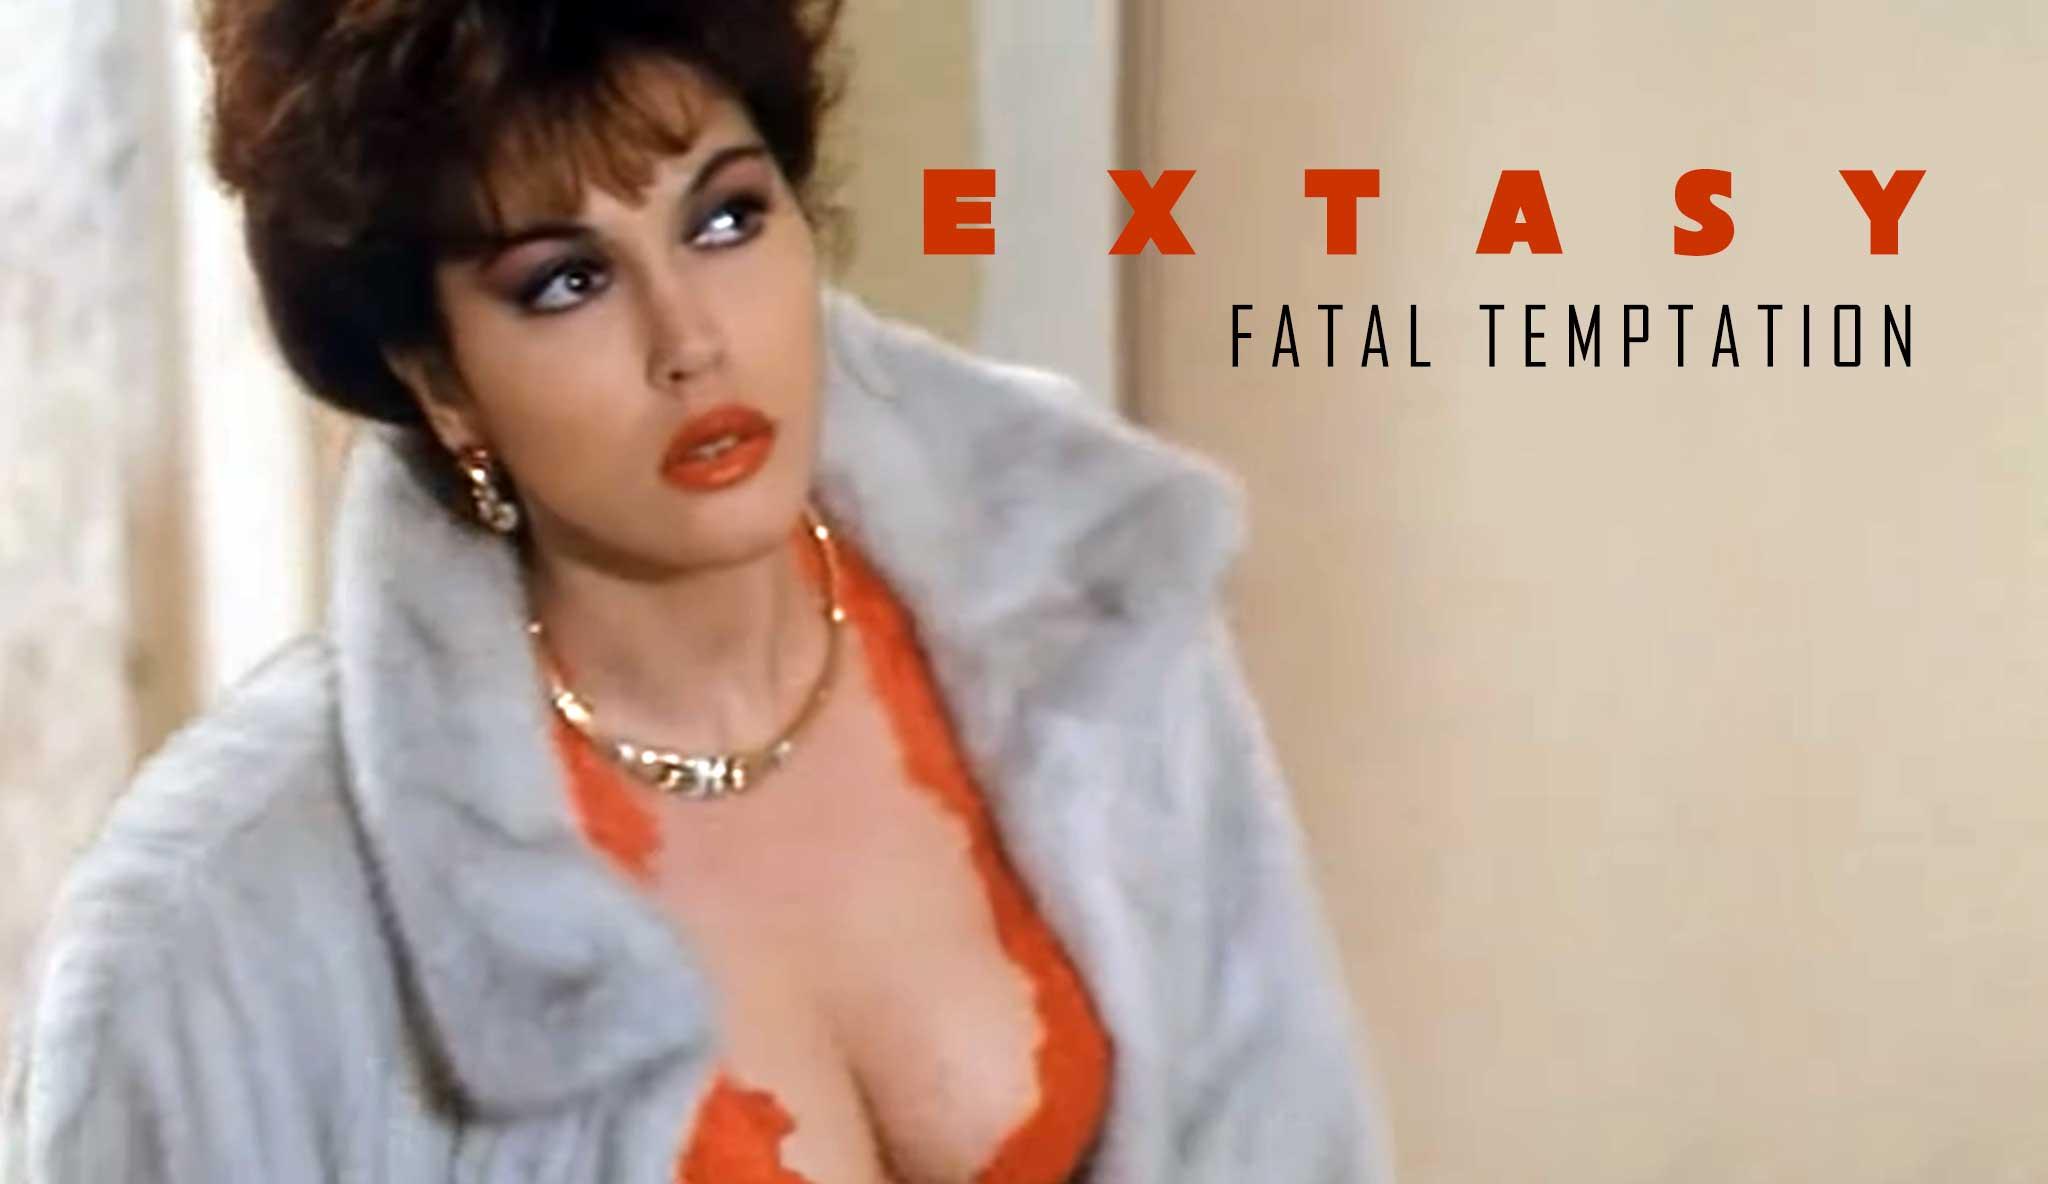 extasy\header.jpg